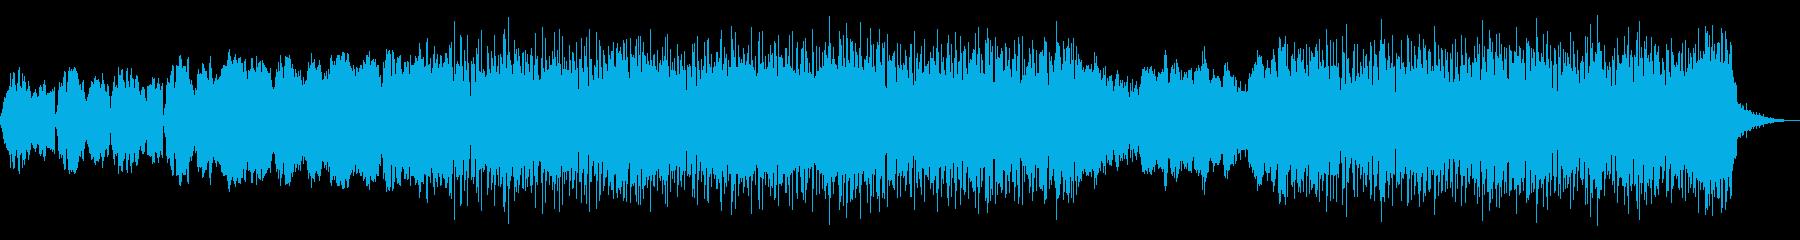 切ないシンセポップなBGMの再生済みの波形